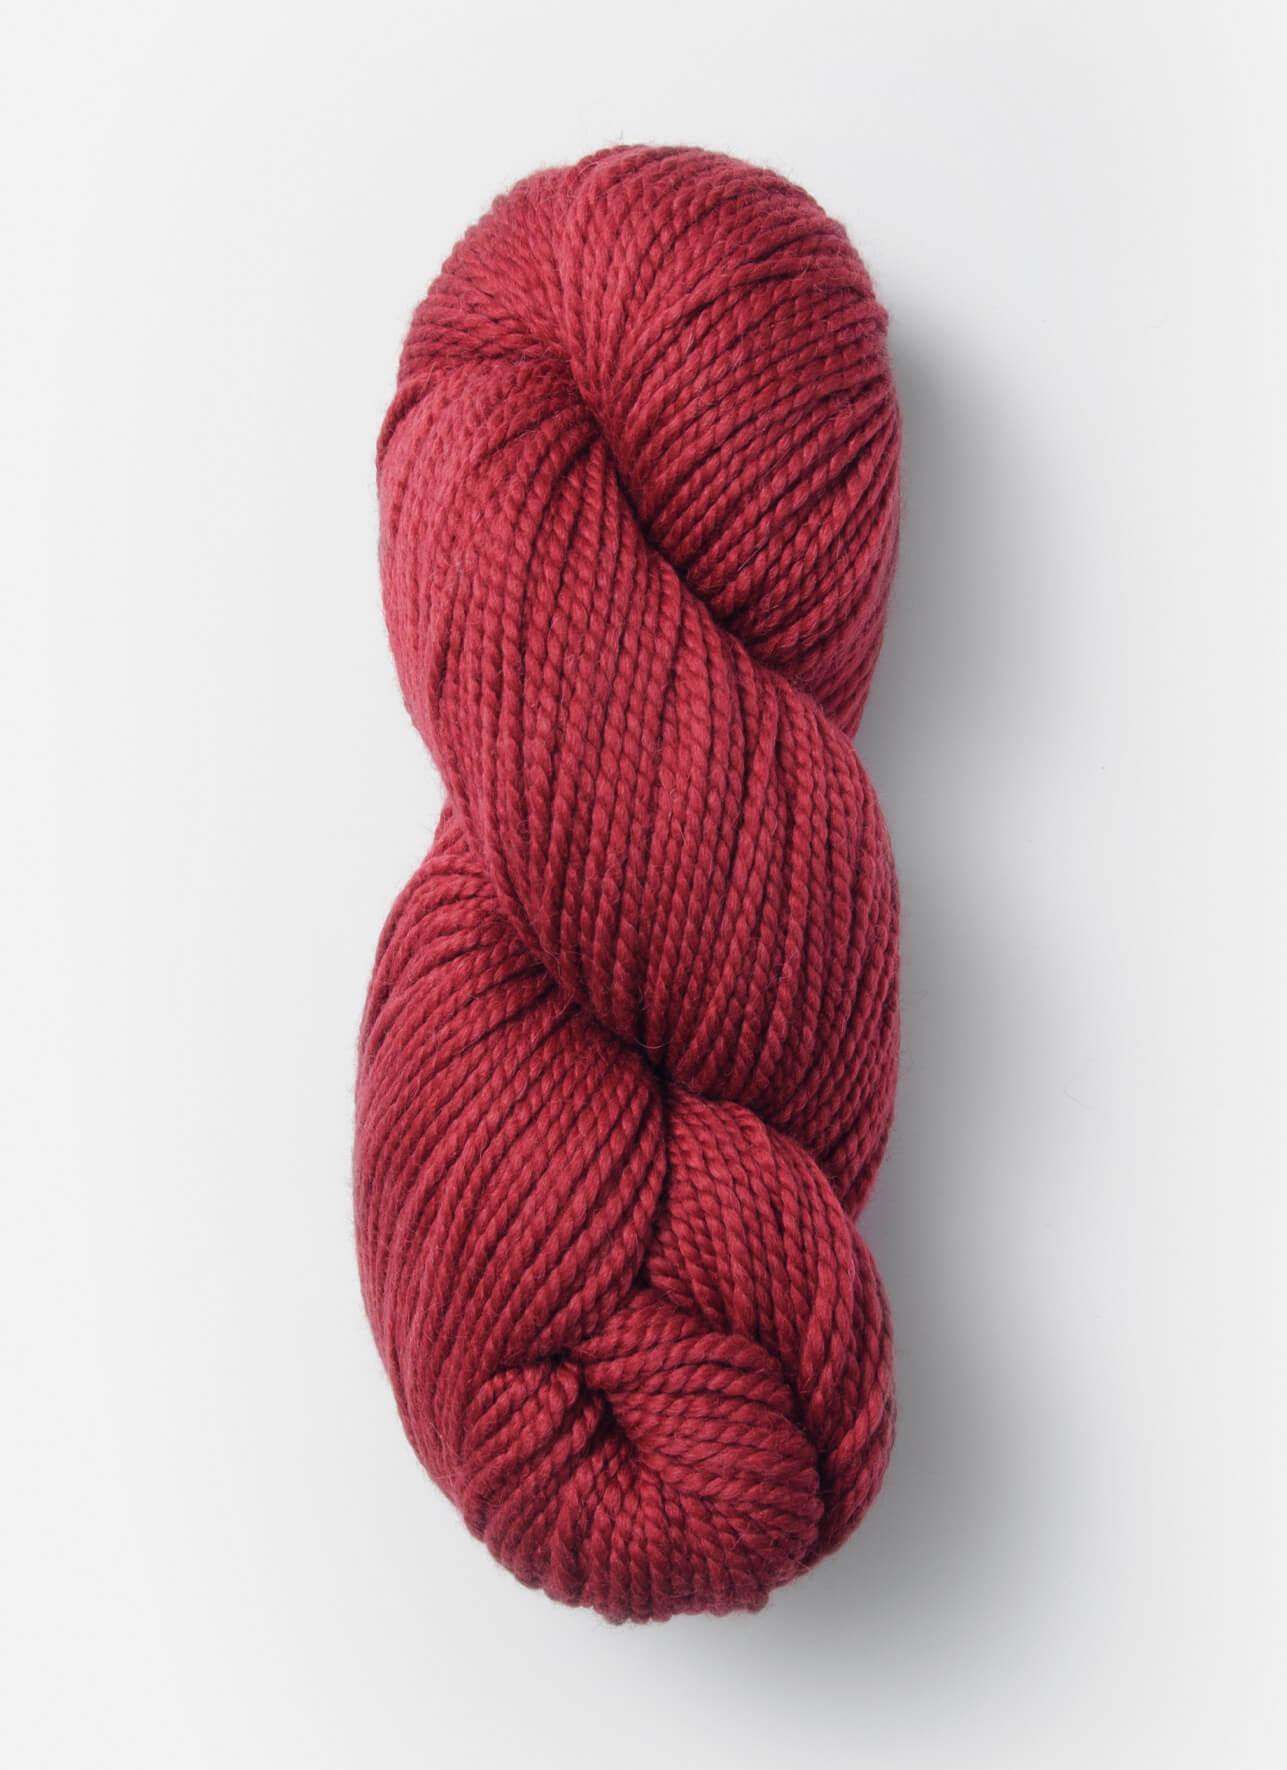 No. 3511: Carmine